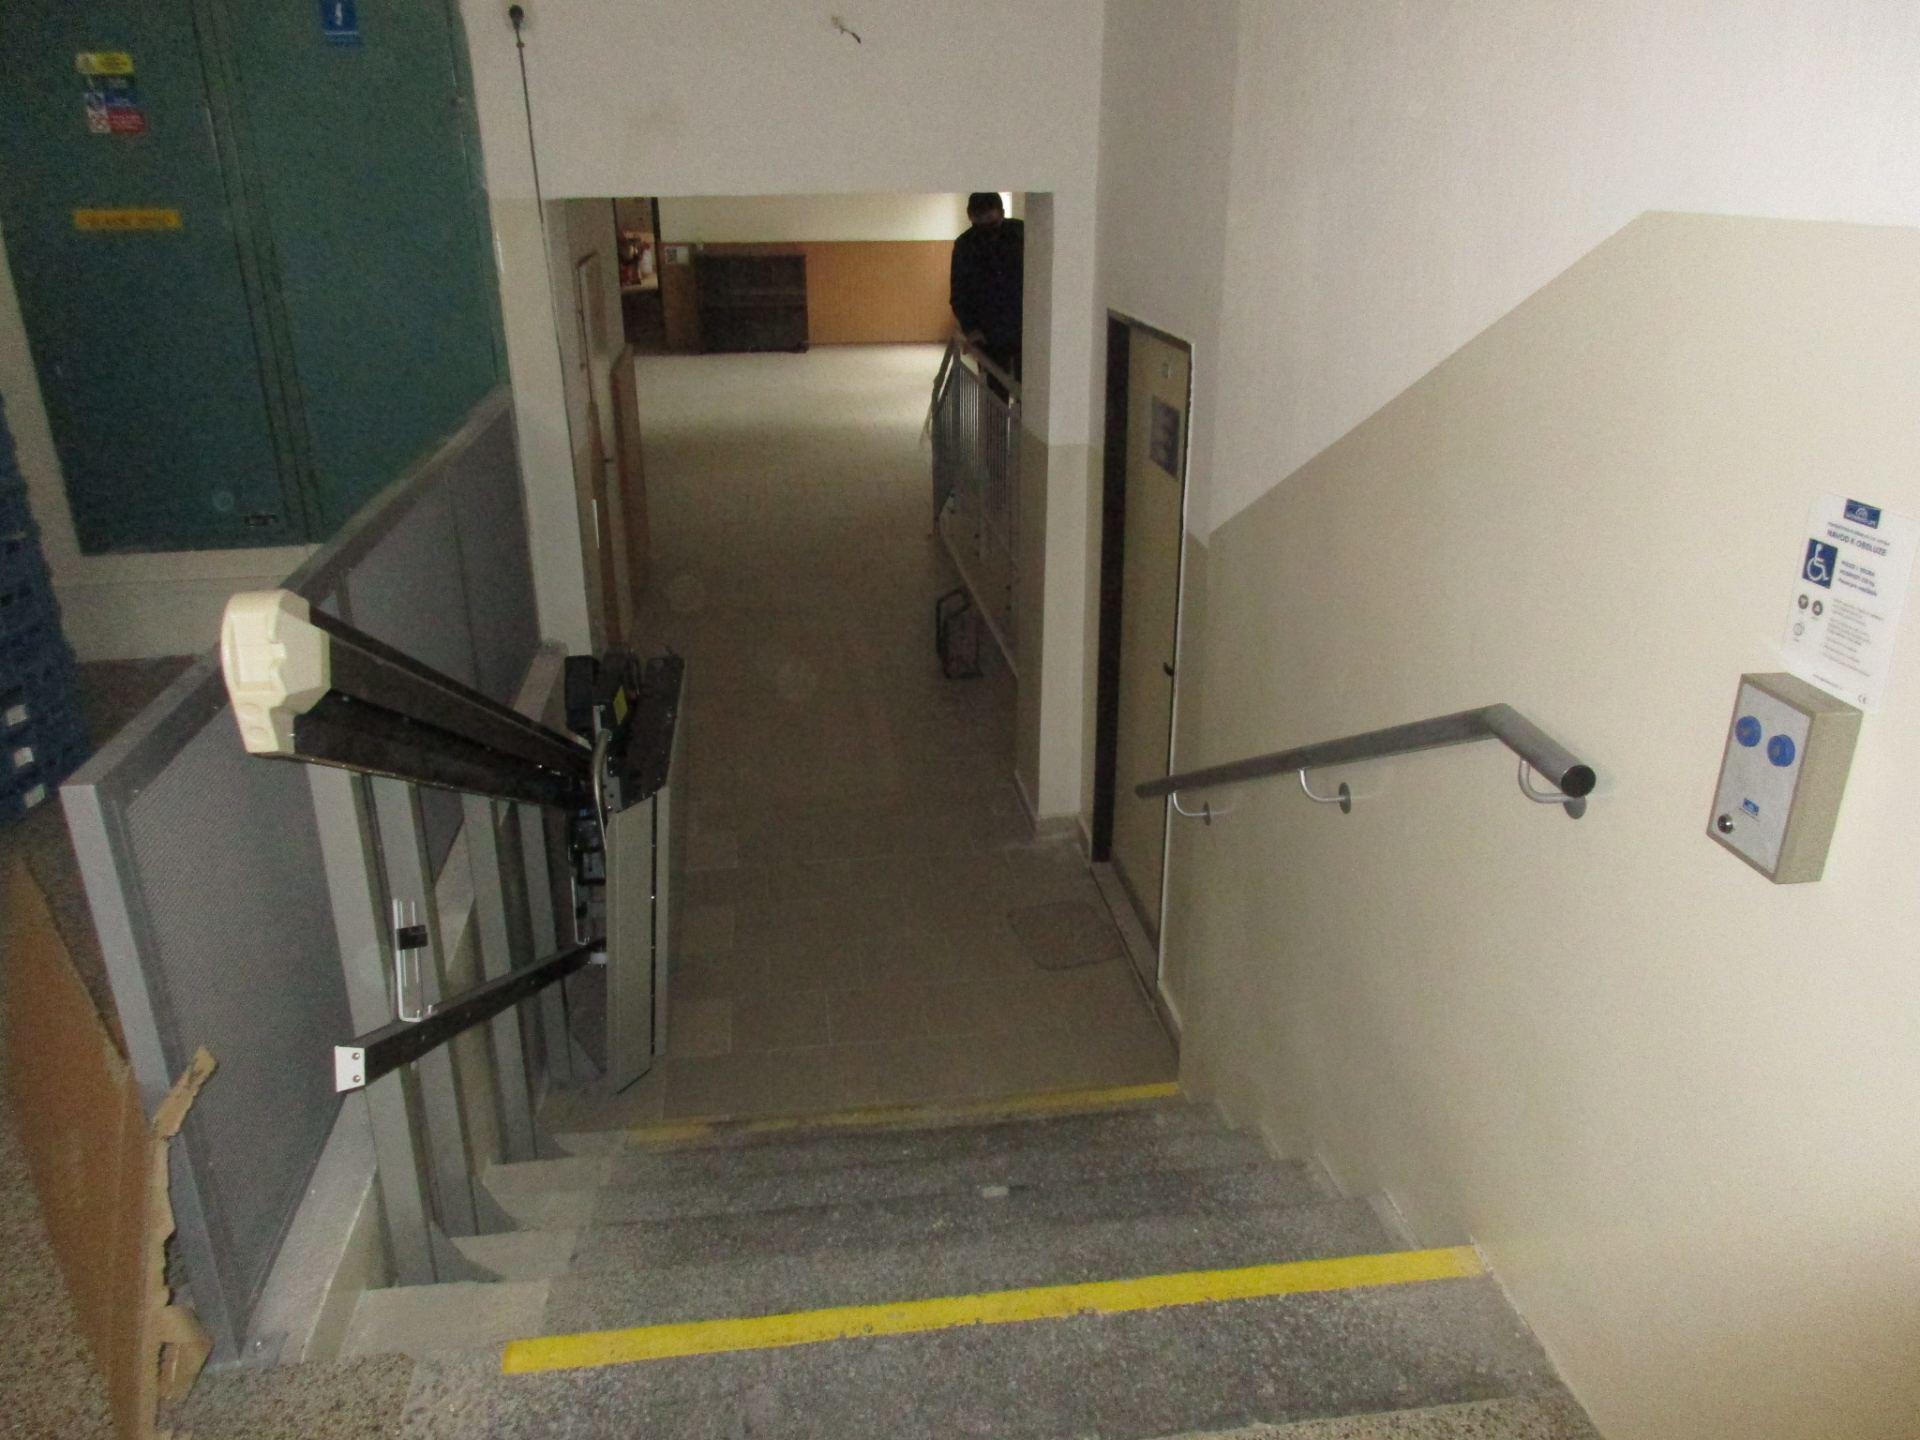 rozšíření vnitřního schodiště s nainstalovanou plošinou